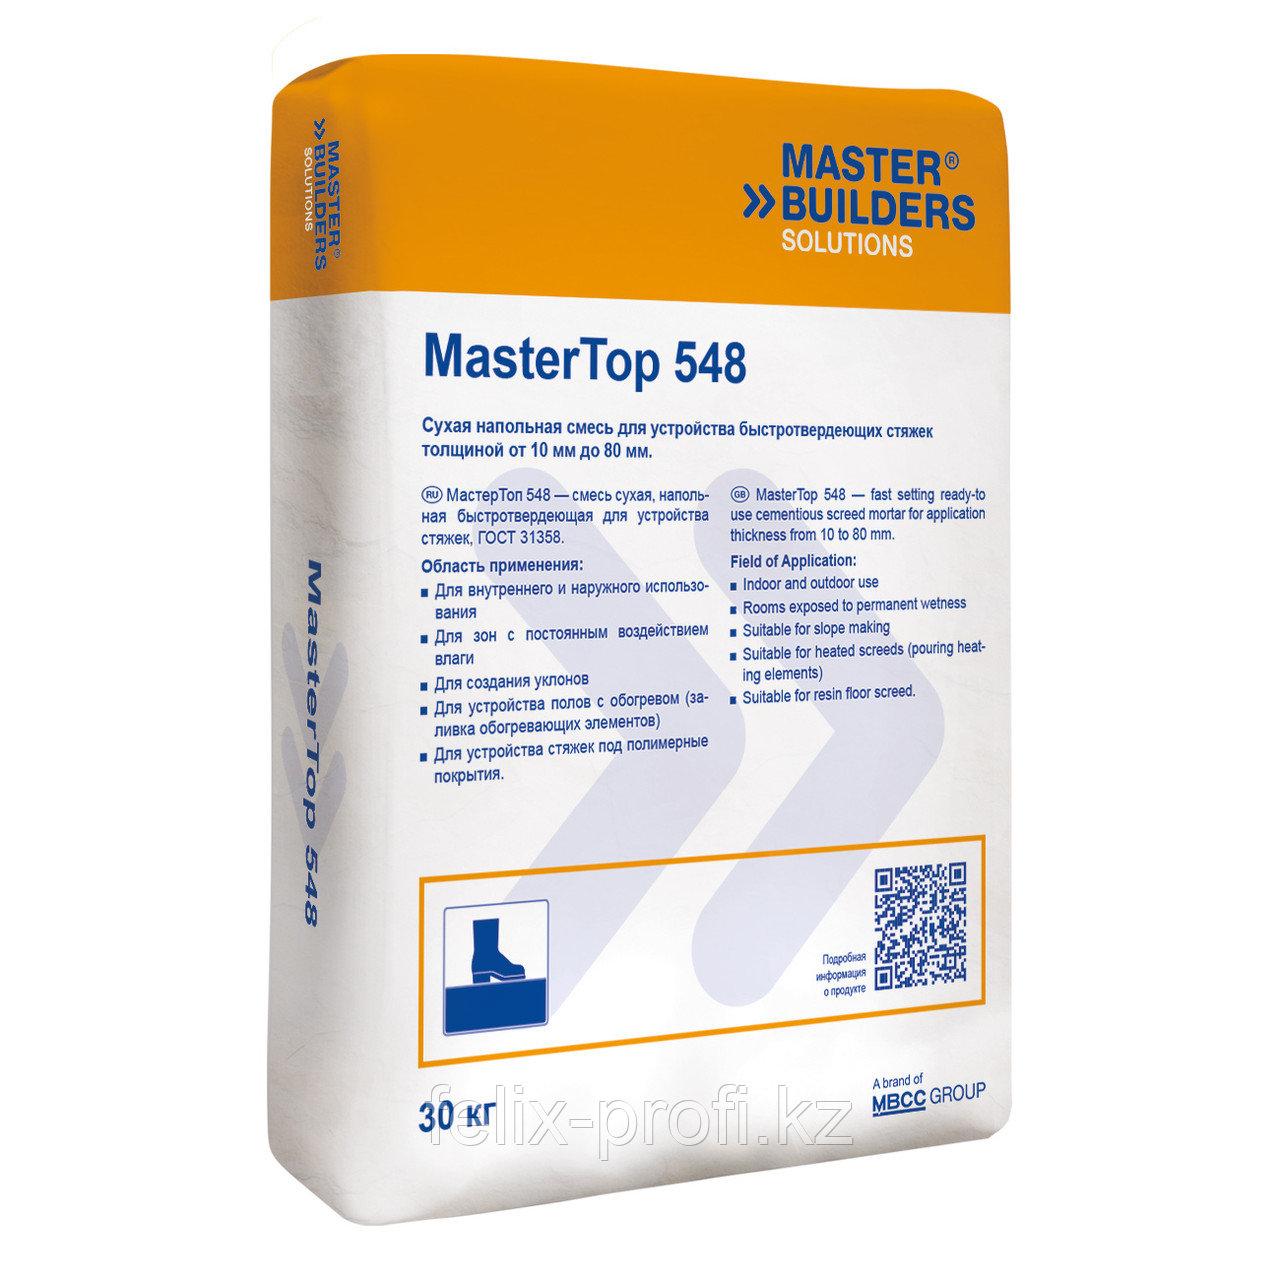 MasterTop 548